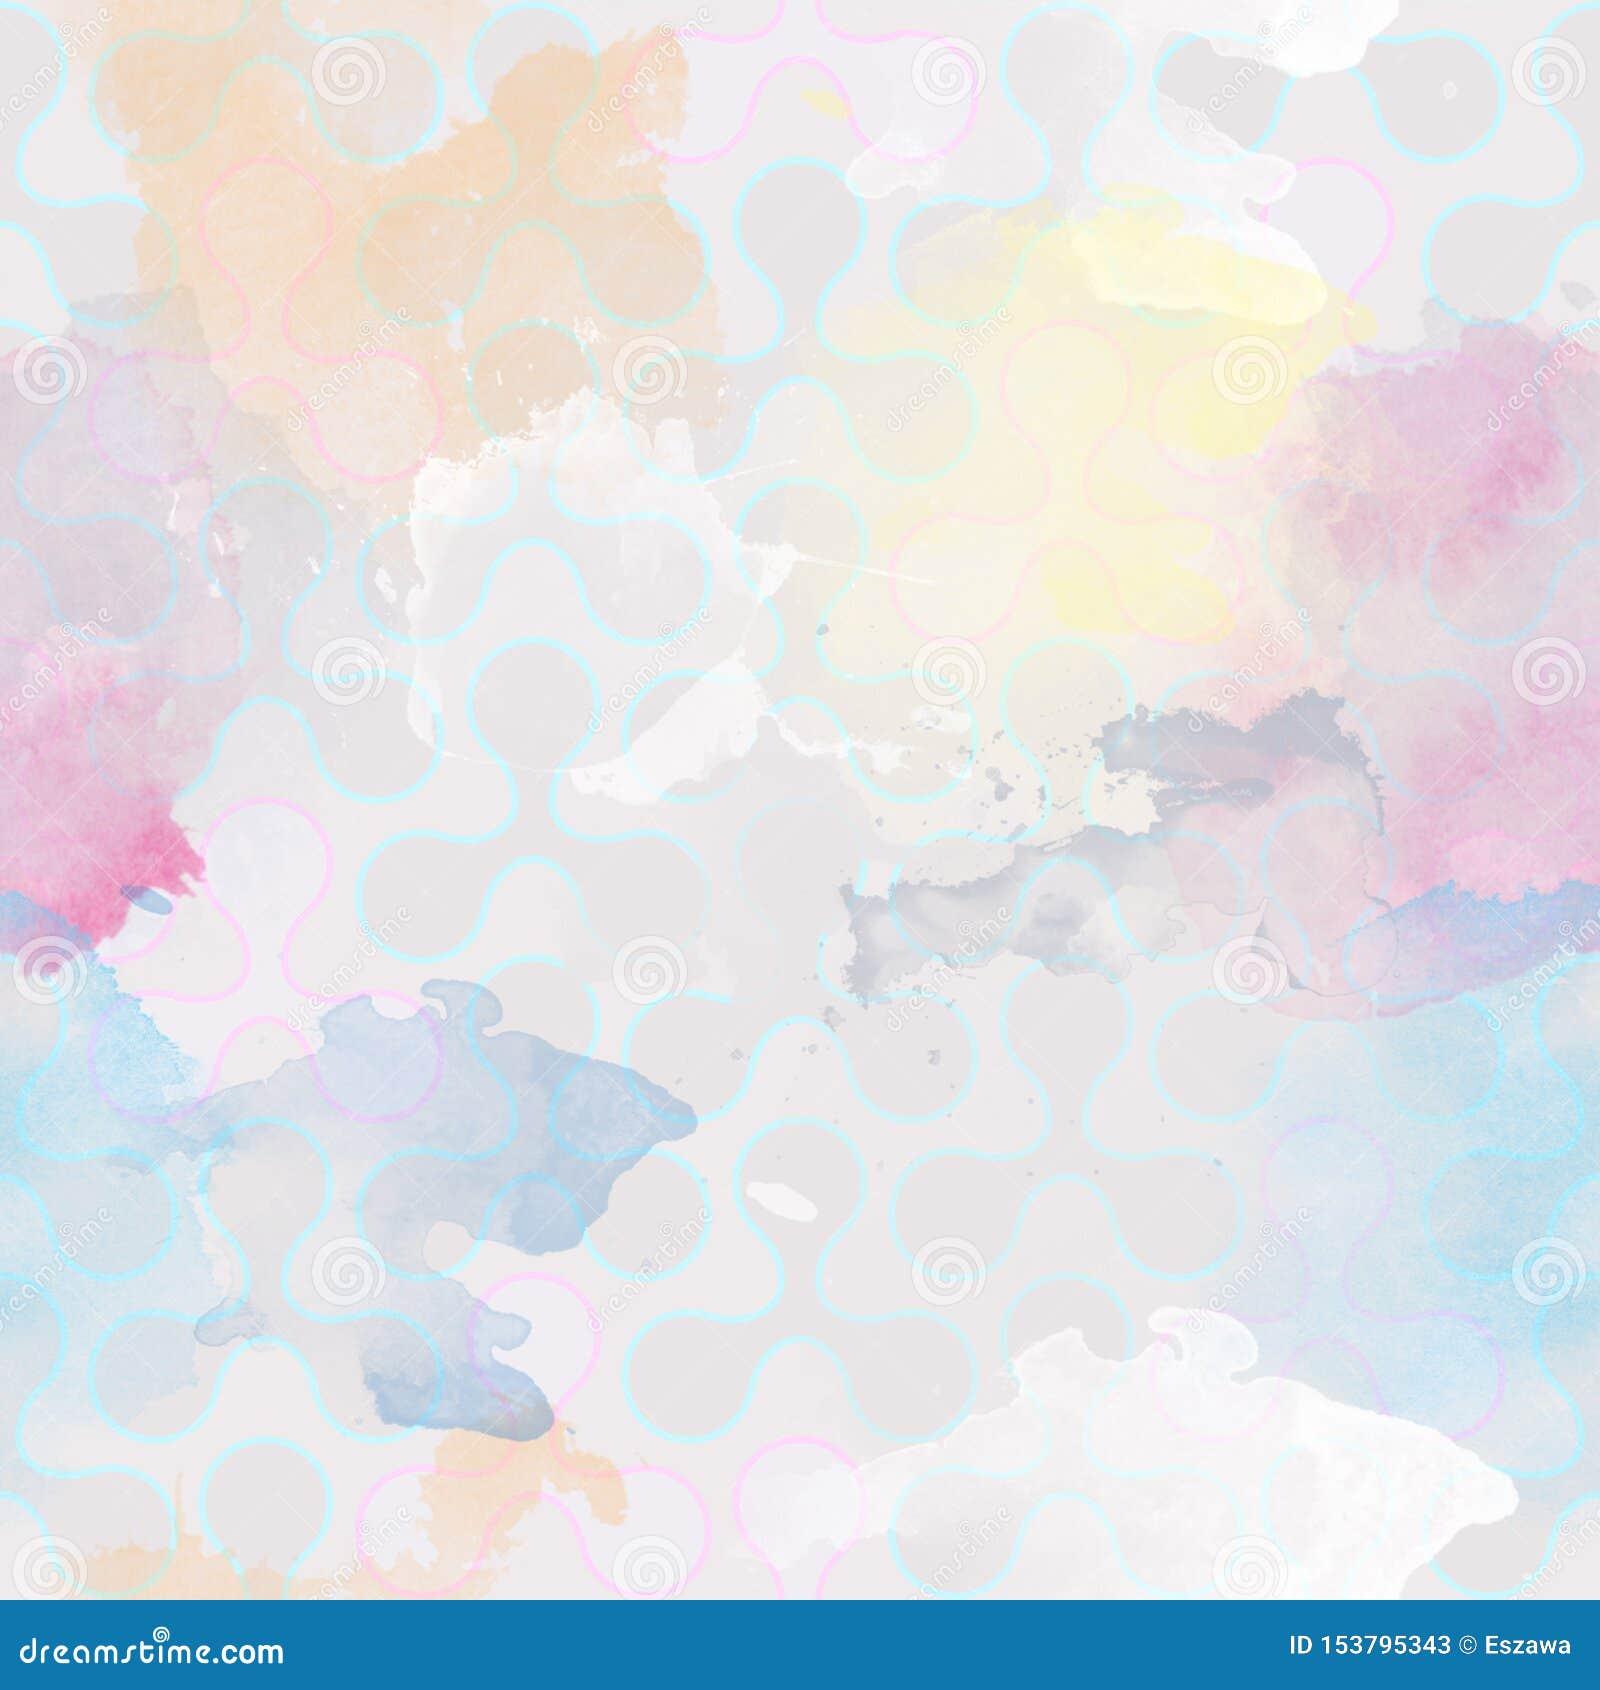 Papel pintado repetidor retro watercolor Las manchas blancas /negras, manchas, salpican - modelo del vintage - BITMAP